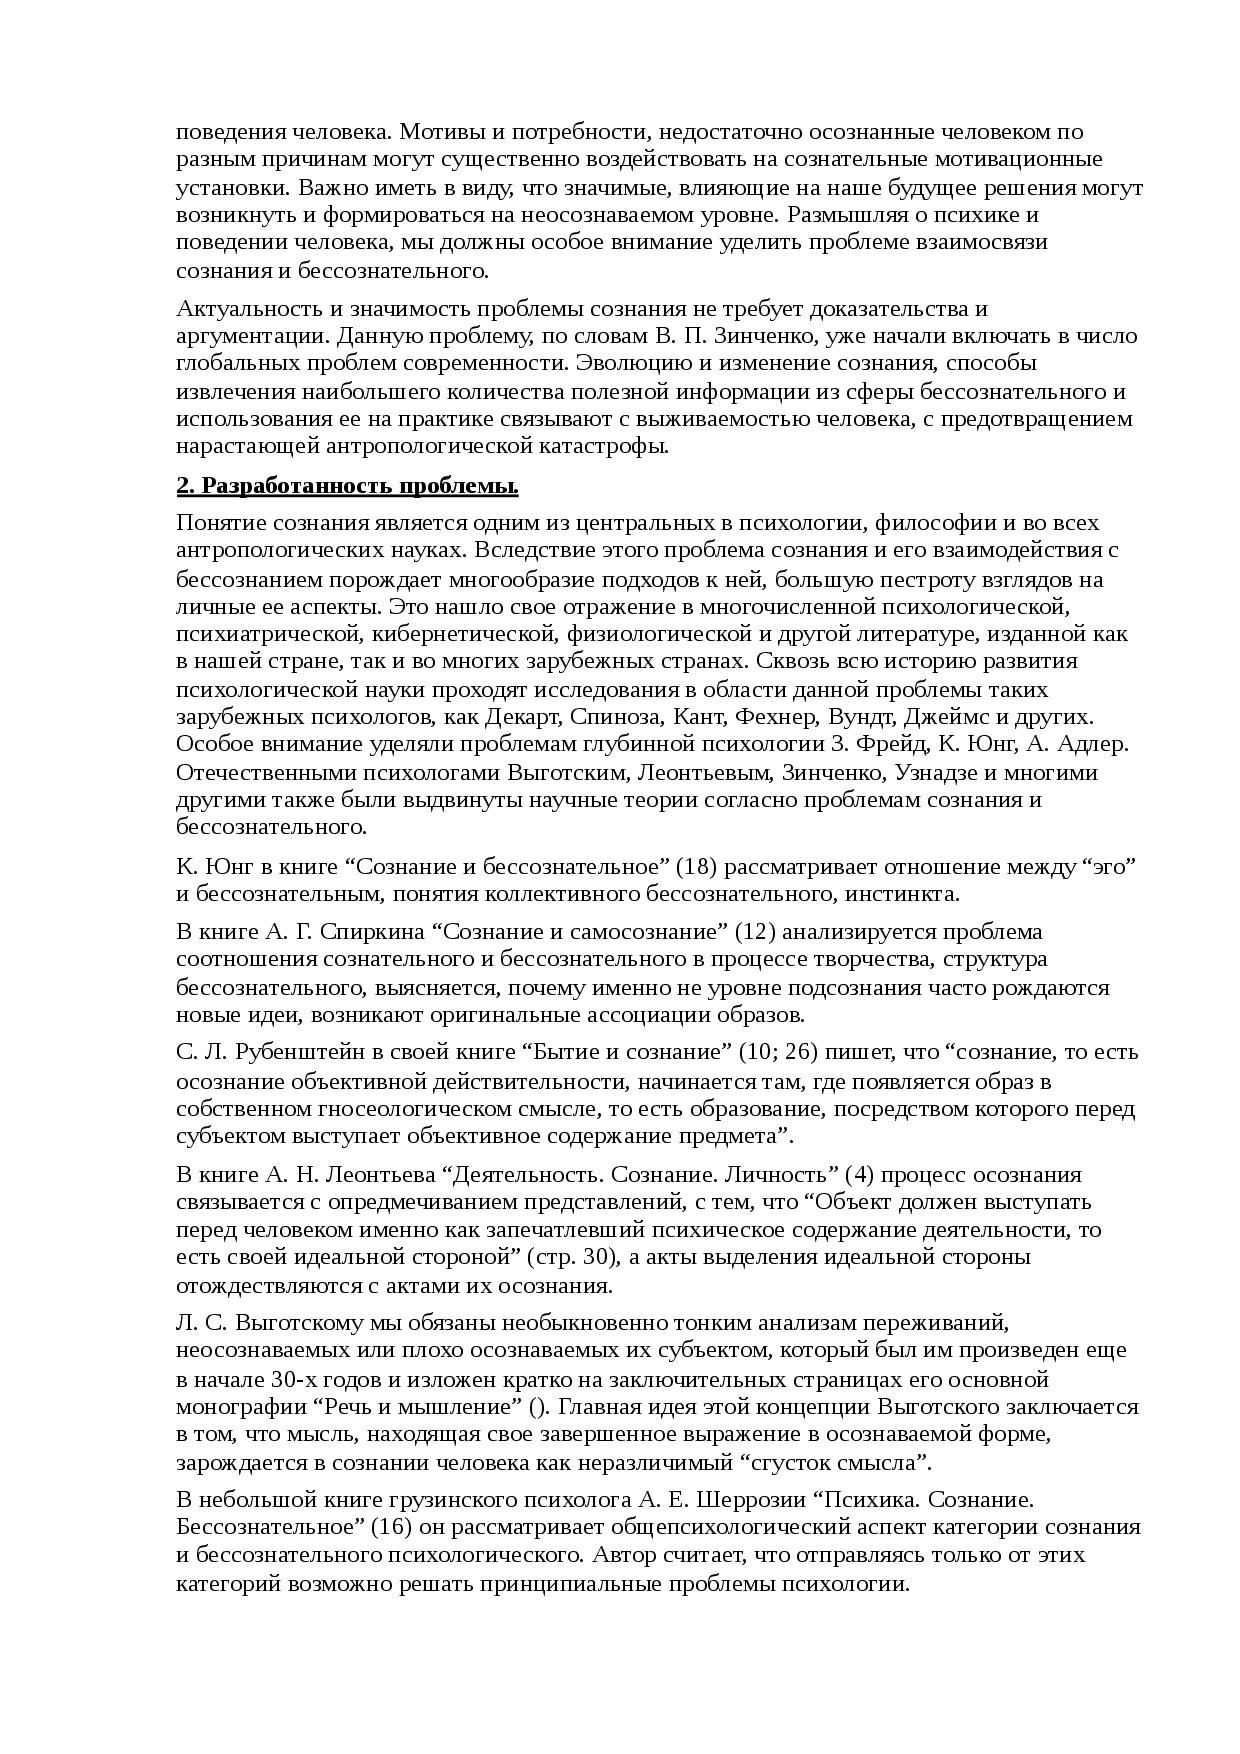 Братусь б. с. психология – наука о психике или учение о душе? (текст)